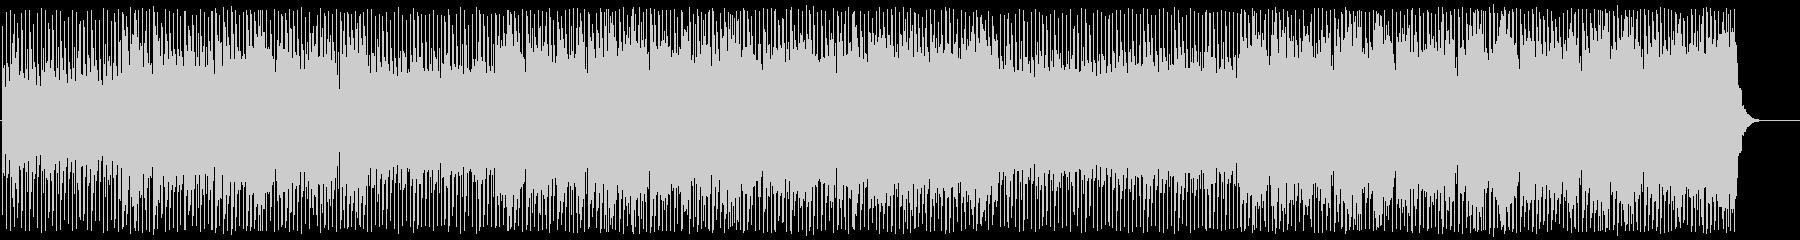 メローでマイナ―なシンセサウンドの未再生の波形